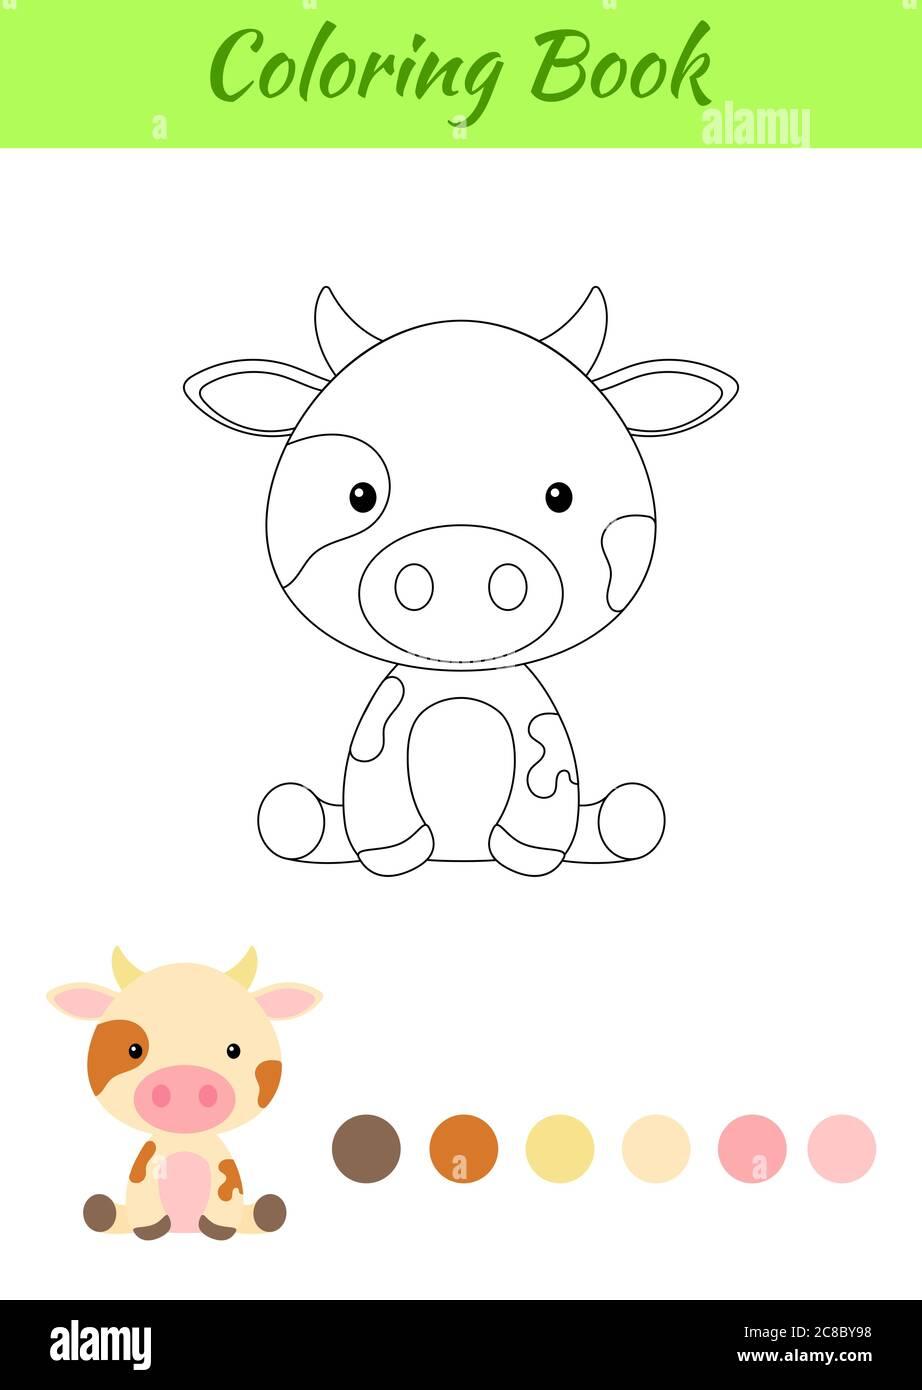 Malvorlagen kleine sitzende Kuh. Bild für Kinder. Pädagogische Aktivität für Kinder und Kleinkinder im Vorschulalter mit niedlichen Tier. Stock Vektor